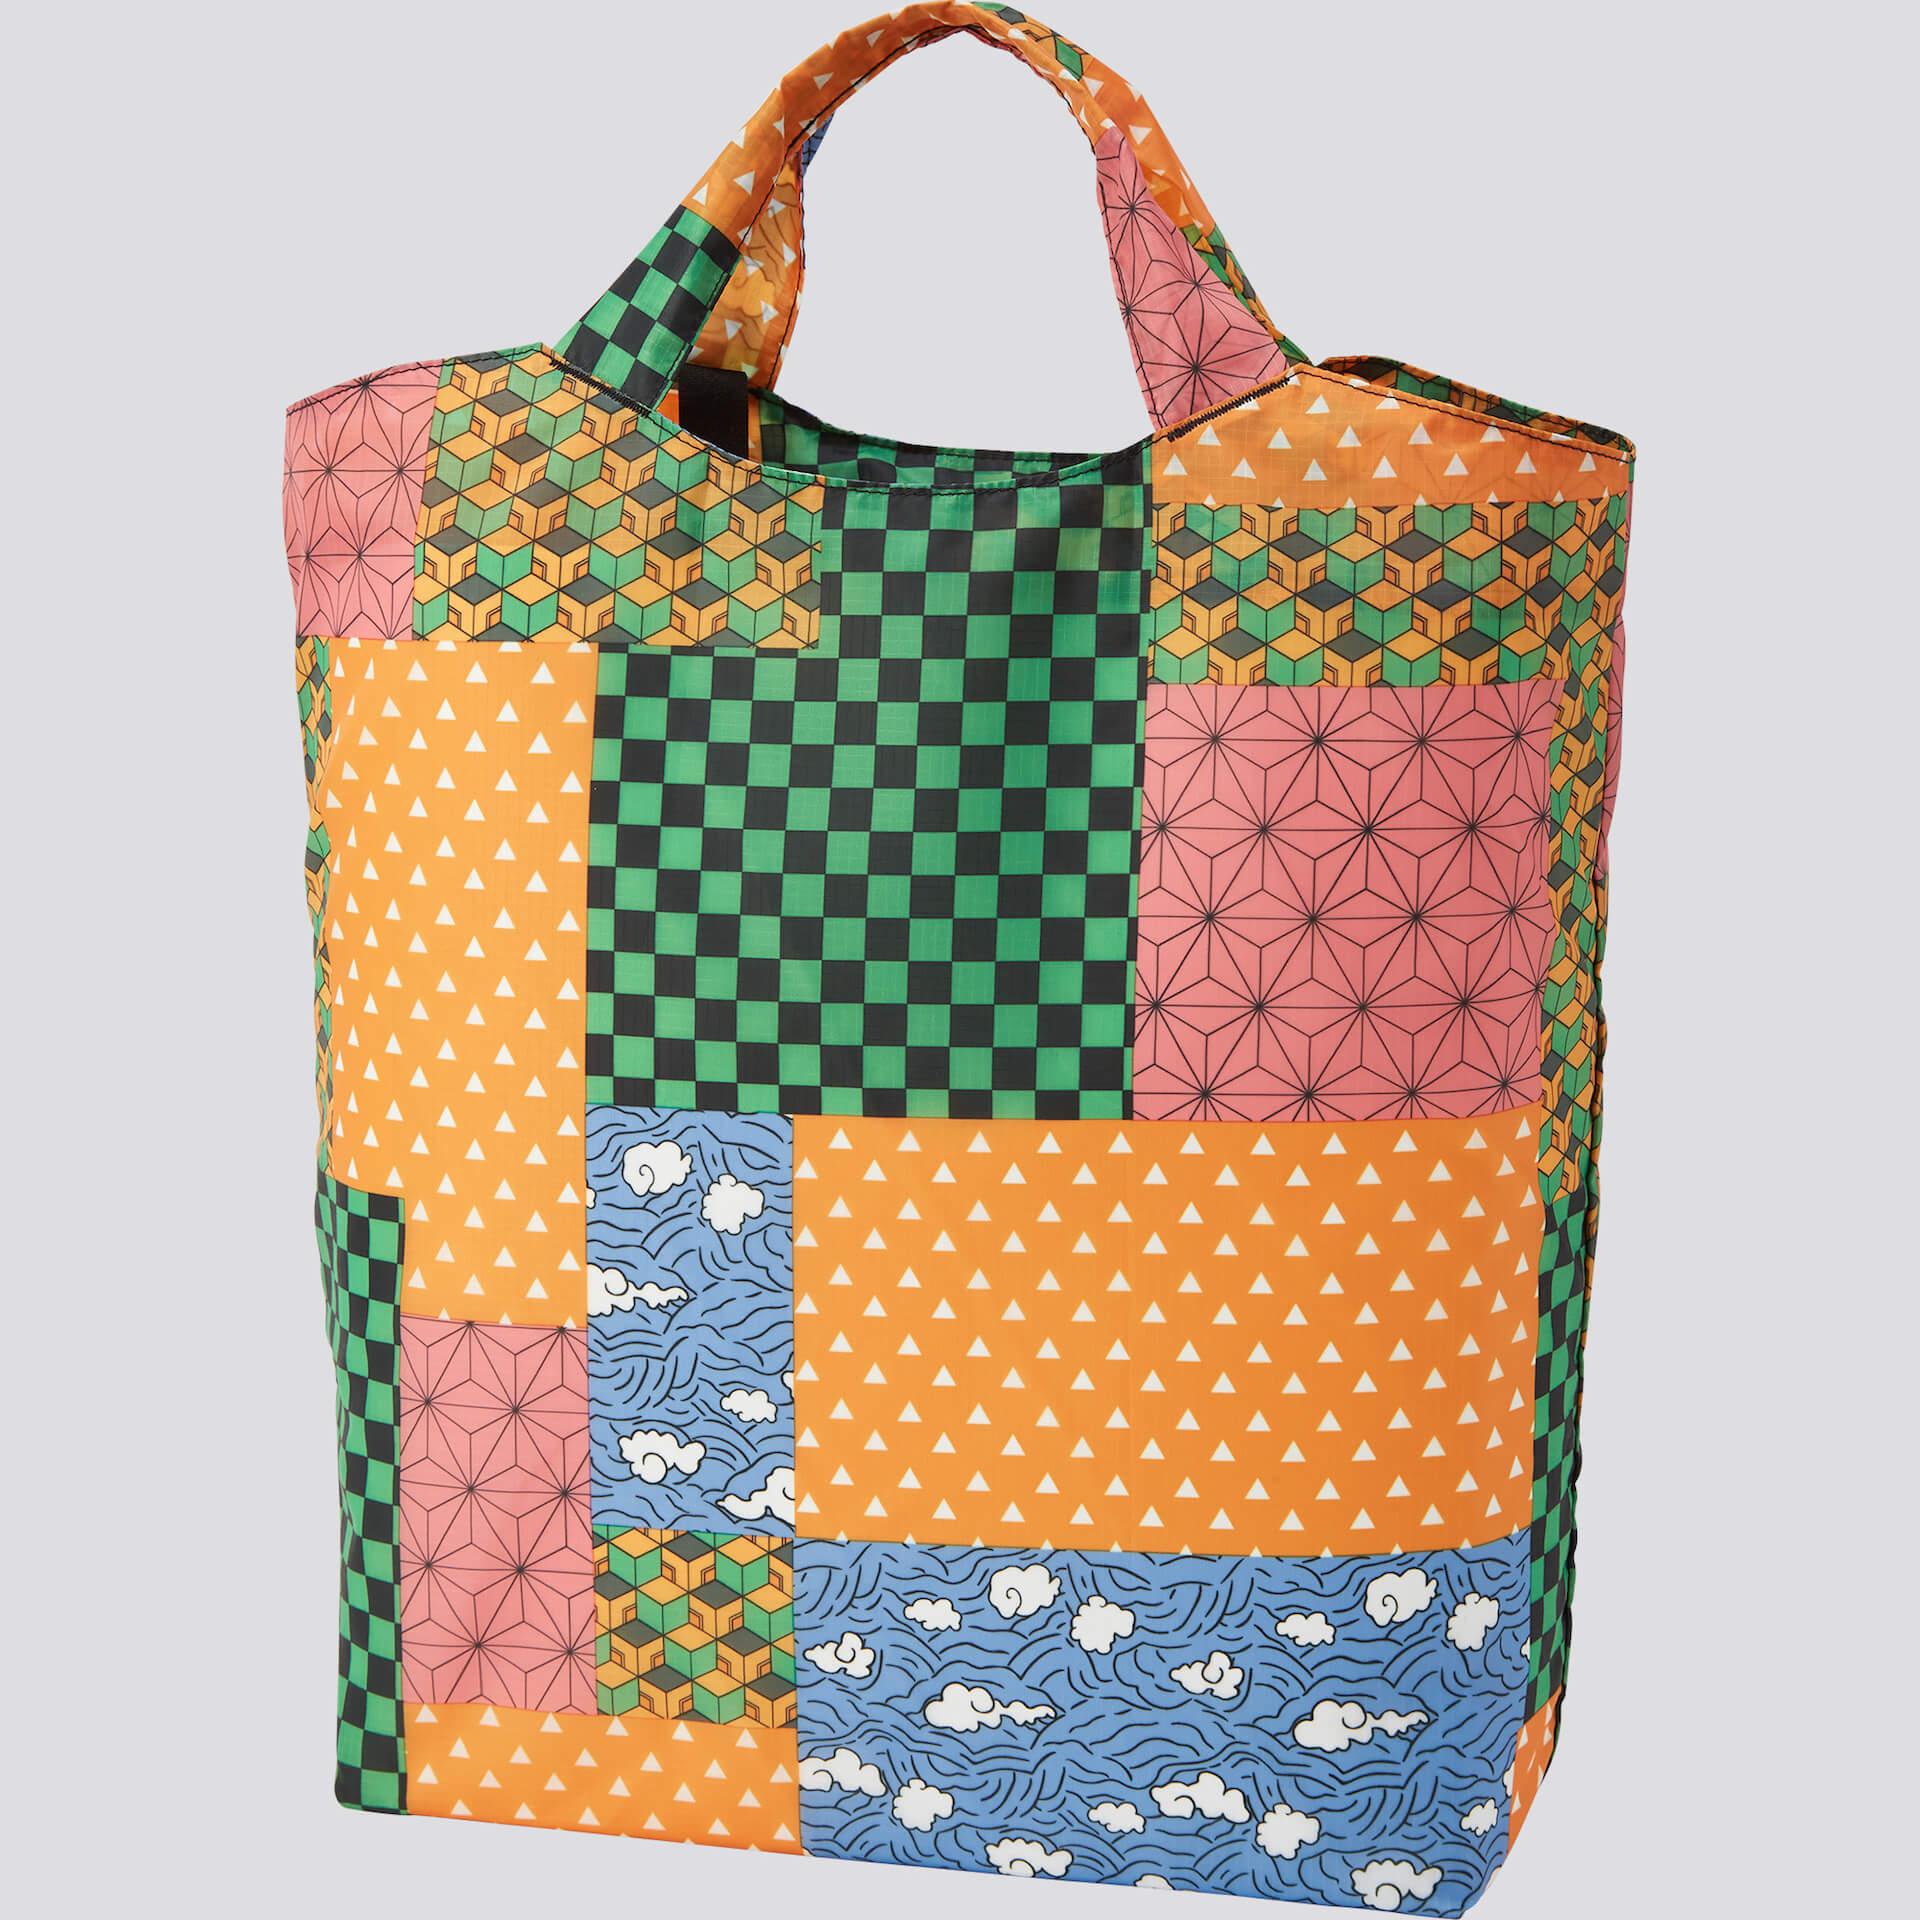 『鬼滅の刃』とユニクロ「UT」コラボ第2弾のコレクションがついに発表!着物や鍔をイメージしたバッグ&タオルも登場 life200817_kimetsu_ut_28